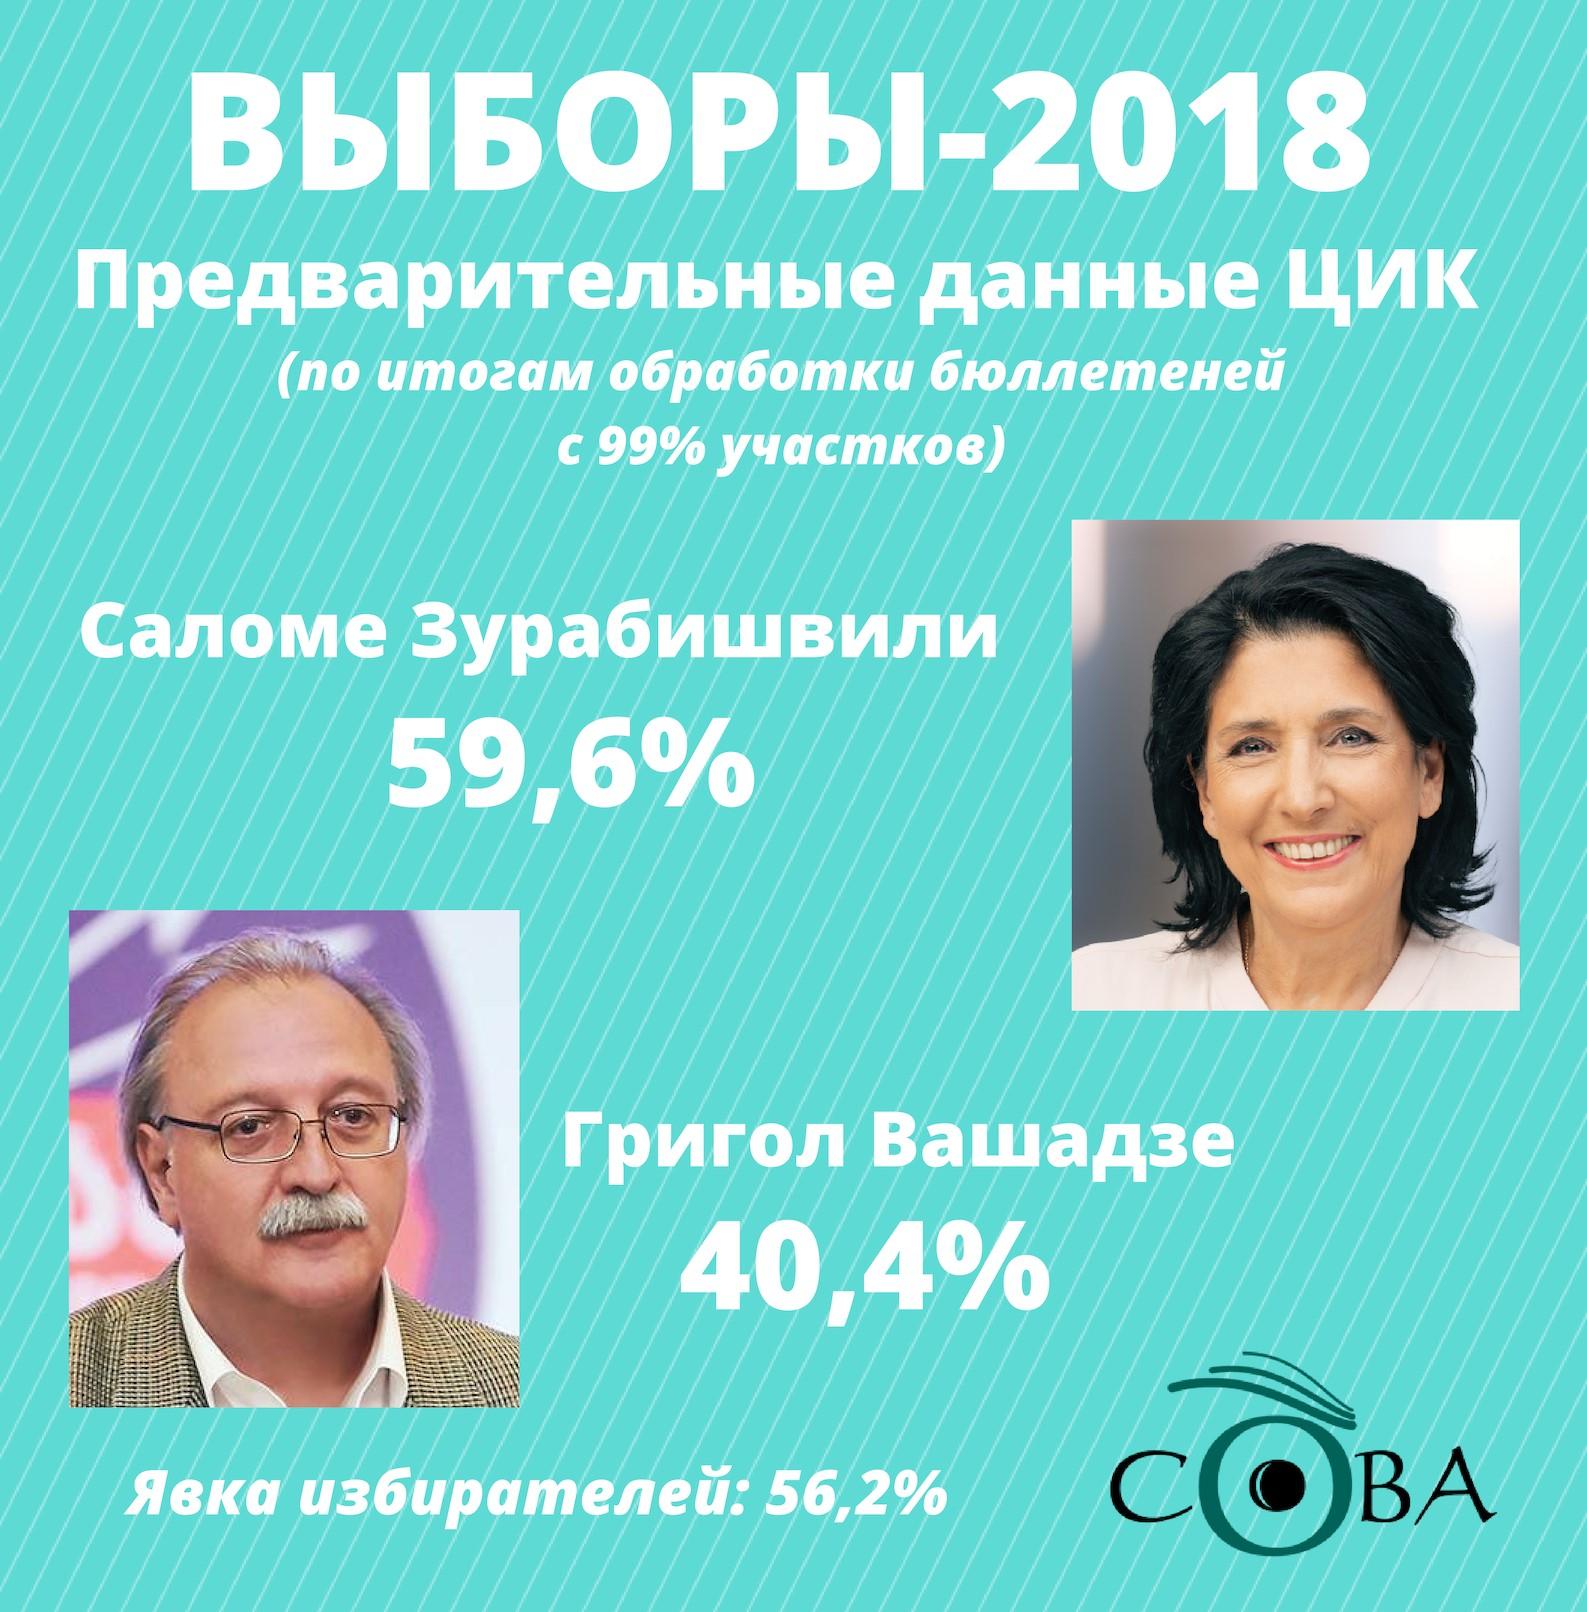 98 #новости второй тур, выборы 2018, Григол Вашадзе, Грузия, президентские выборы, Саломе Зурабишвили, Центризбирком, ЦИК